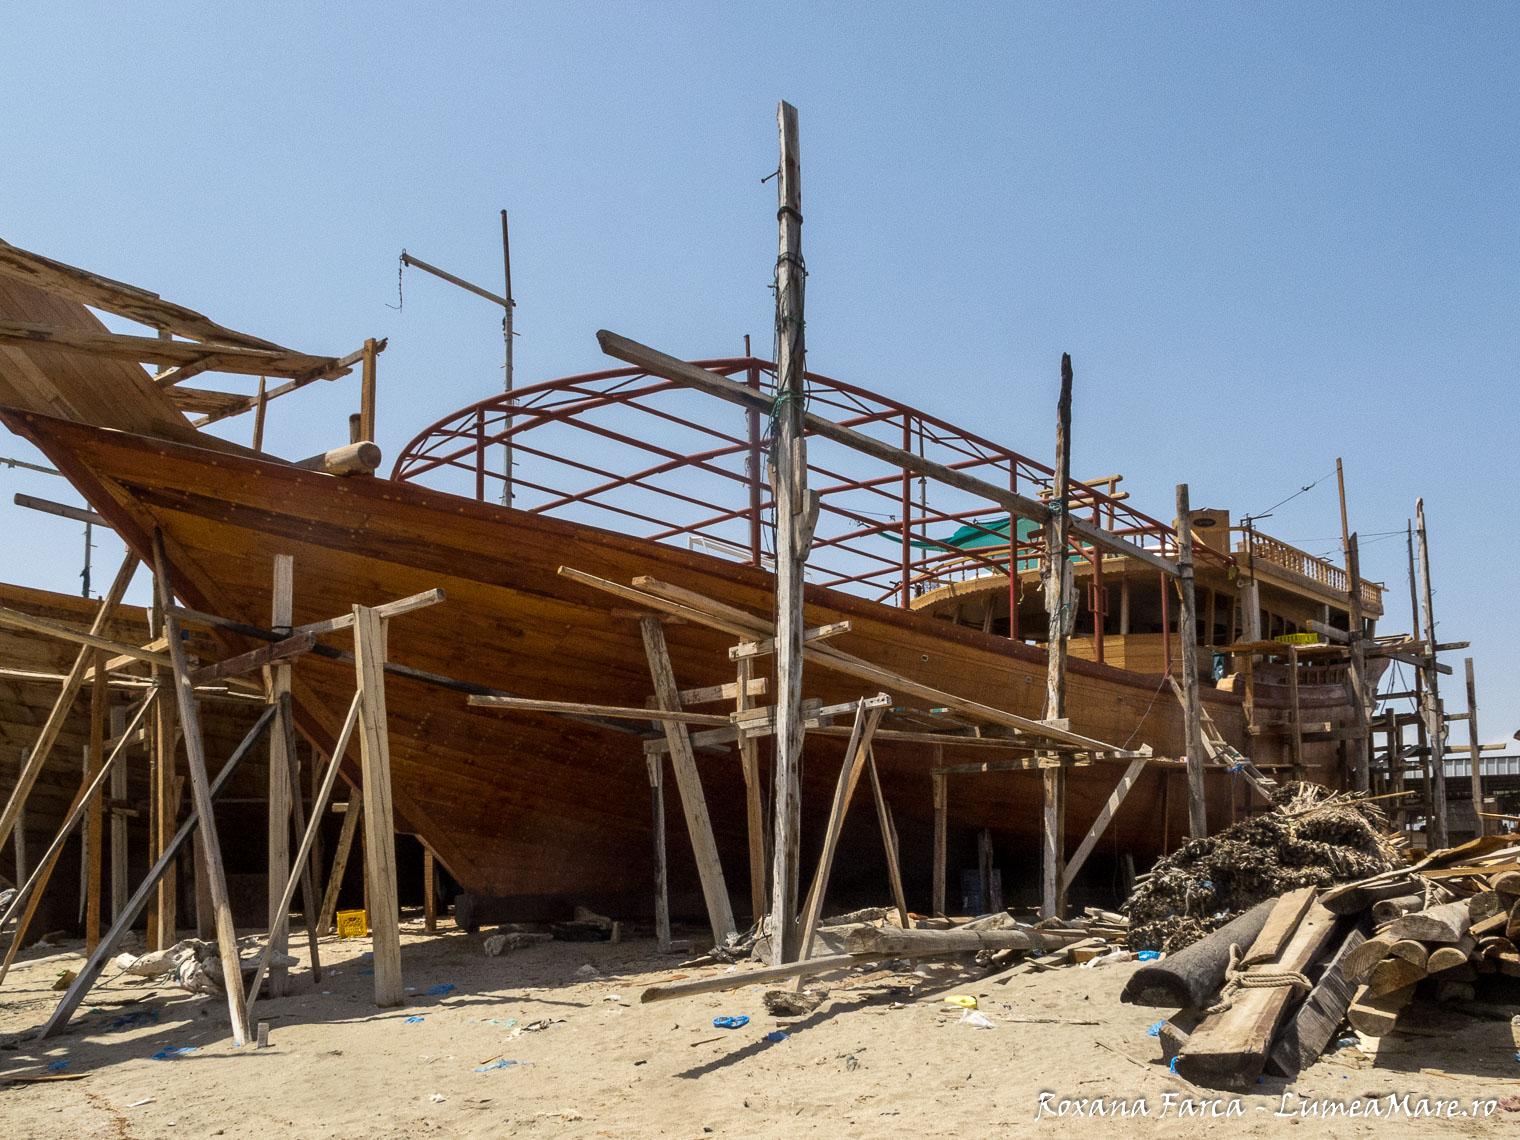 Oman-Sur-boats-8460